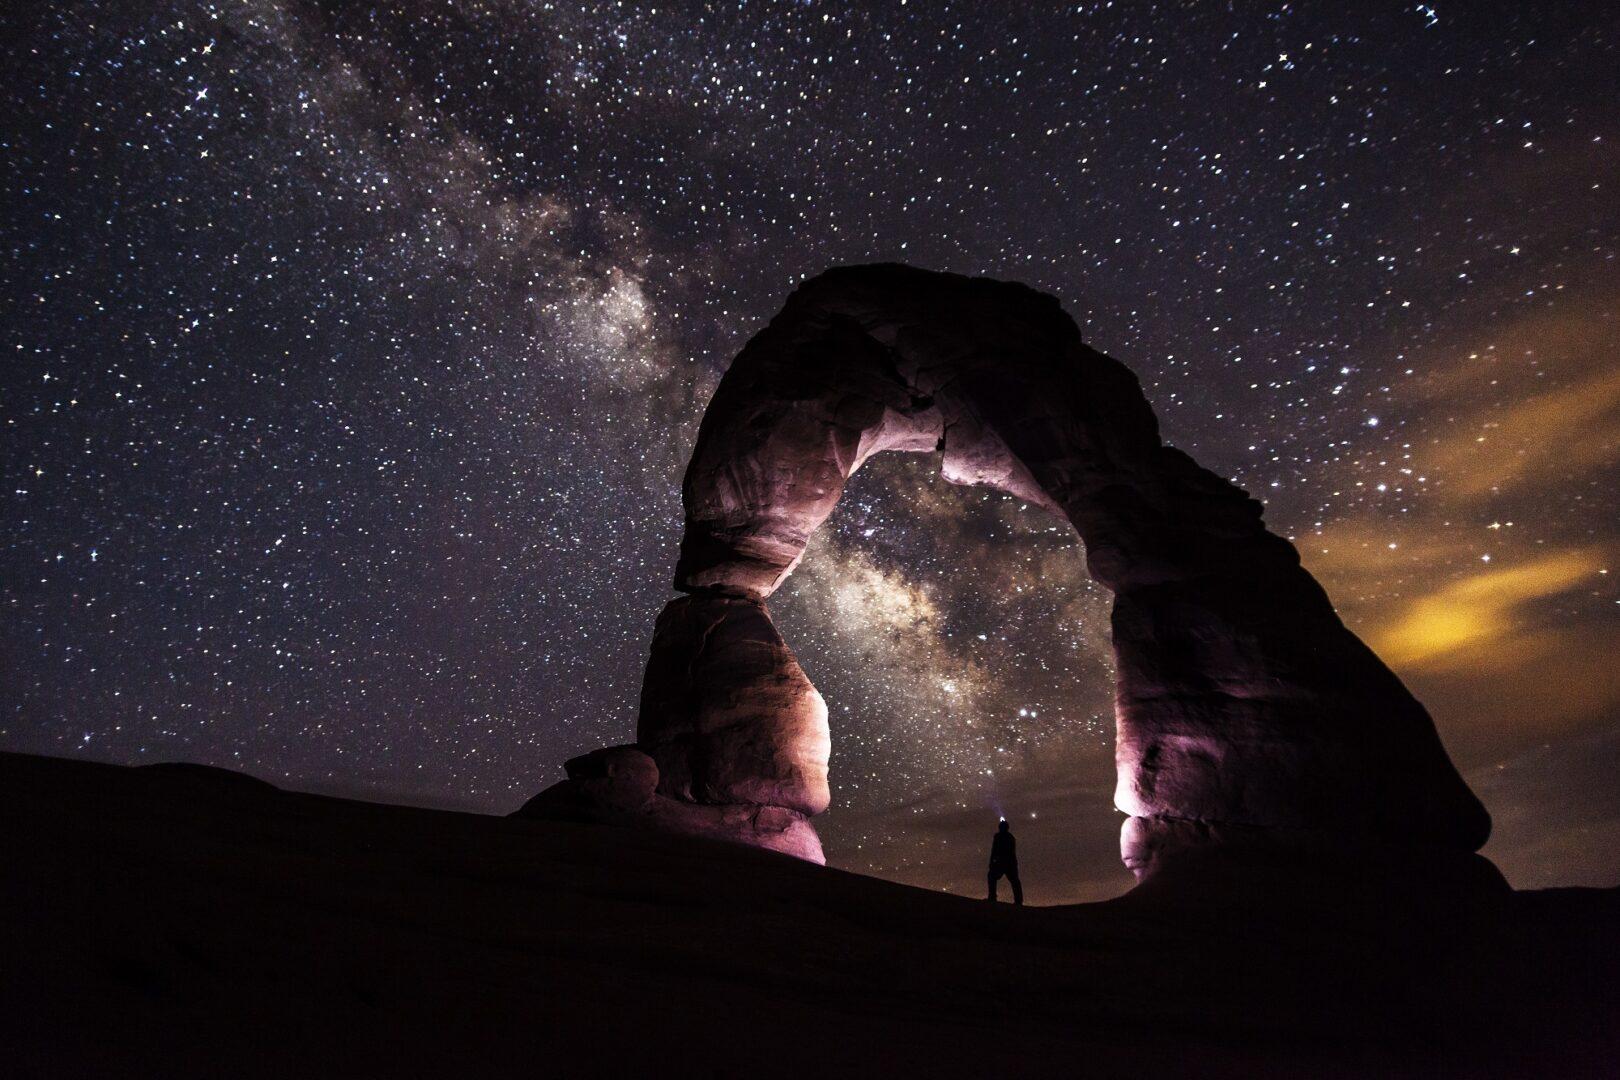 Η αστρολογική μύηση και η πύλη της Εναλλακτικής Παιδείας